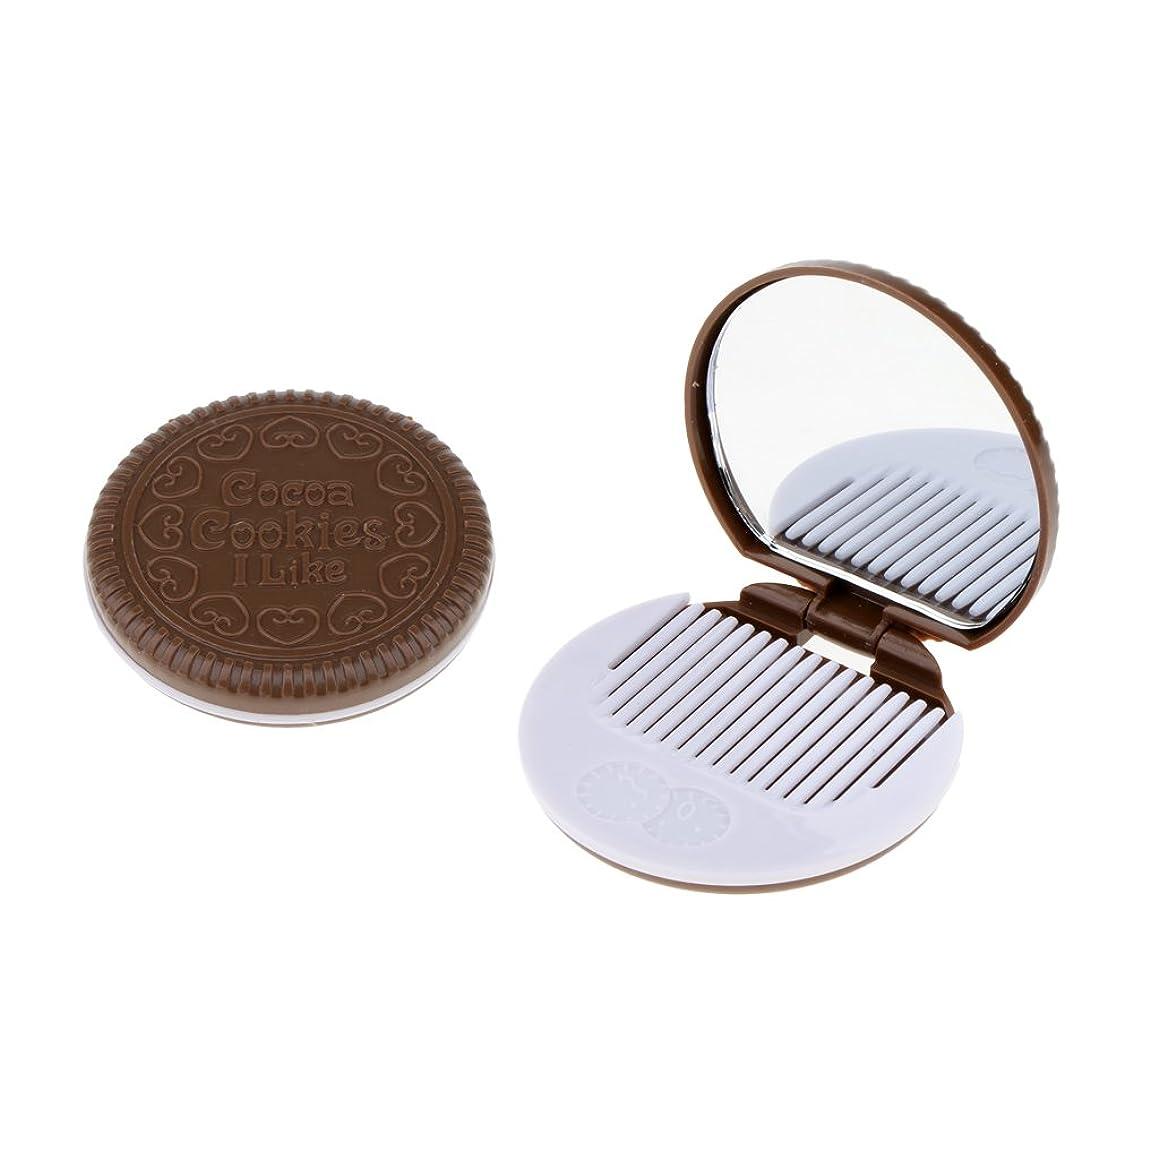 竜巻溶接アスペクトBaosity 2個入 メイクアップミラー 化粧ミラー 化粧鏡 コーム ポケットサイズ 可愛い ラウンド 折りたたみ  全4色   - 褐色